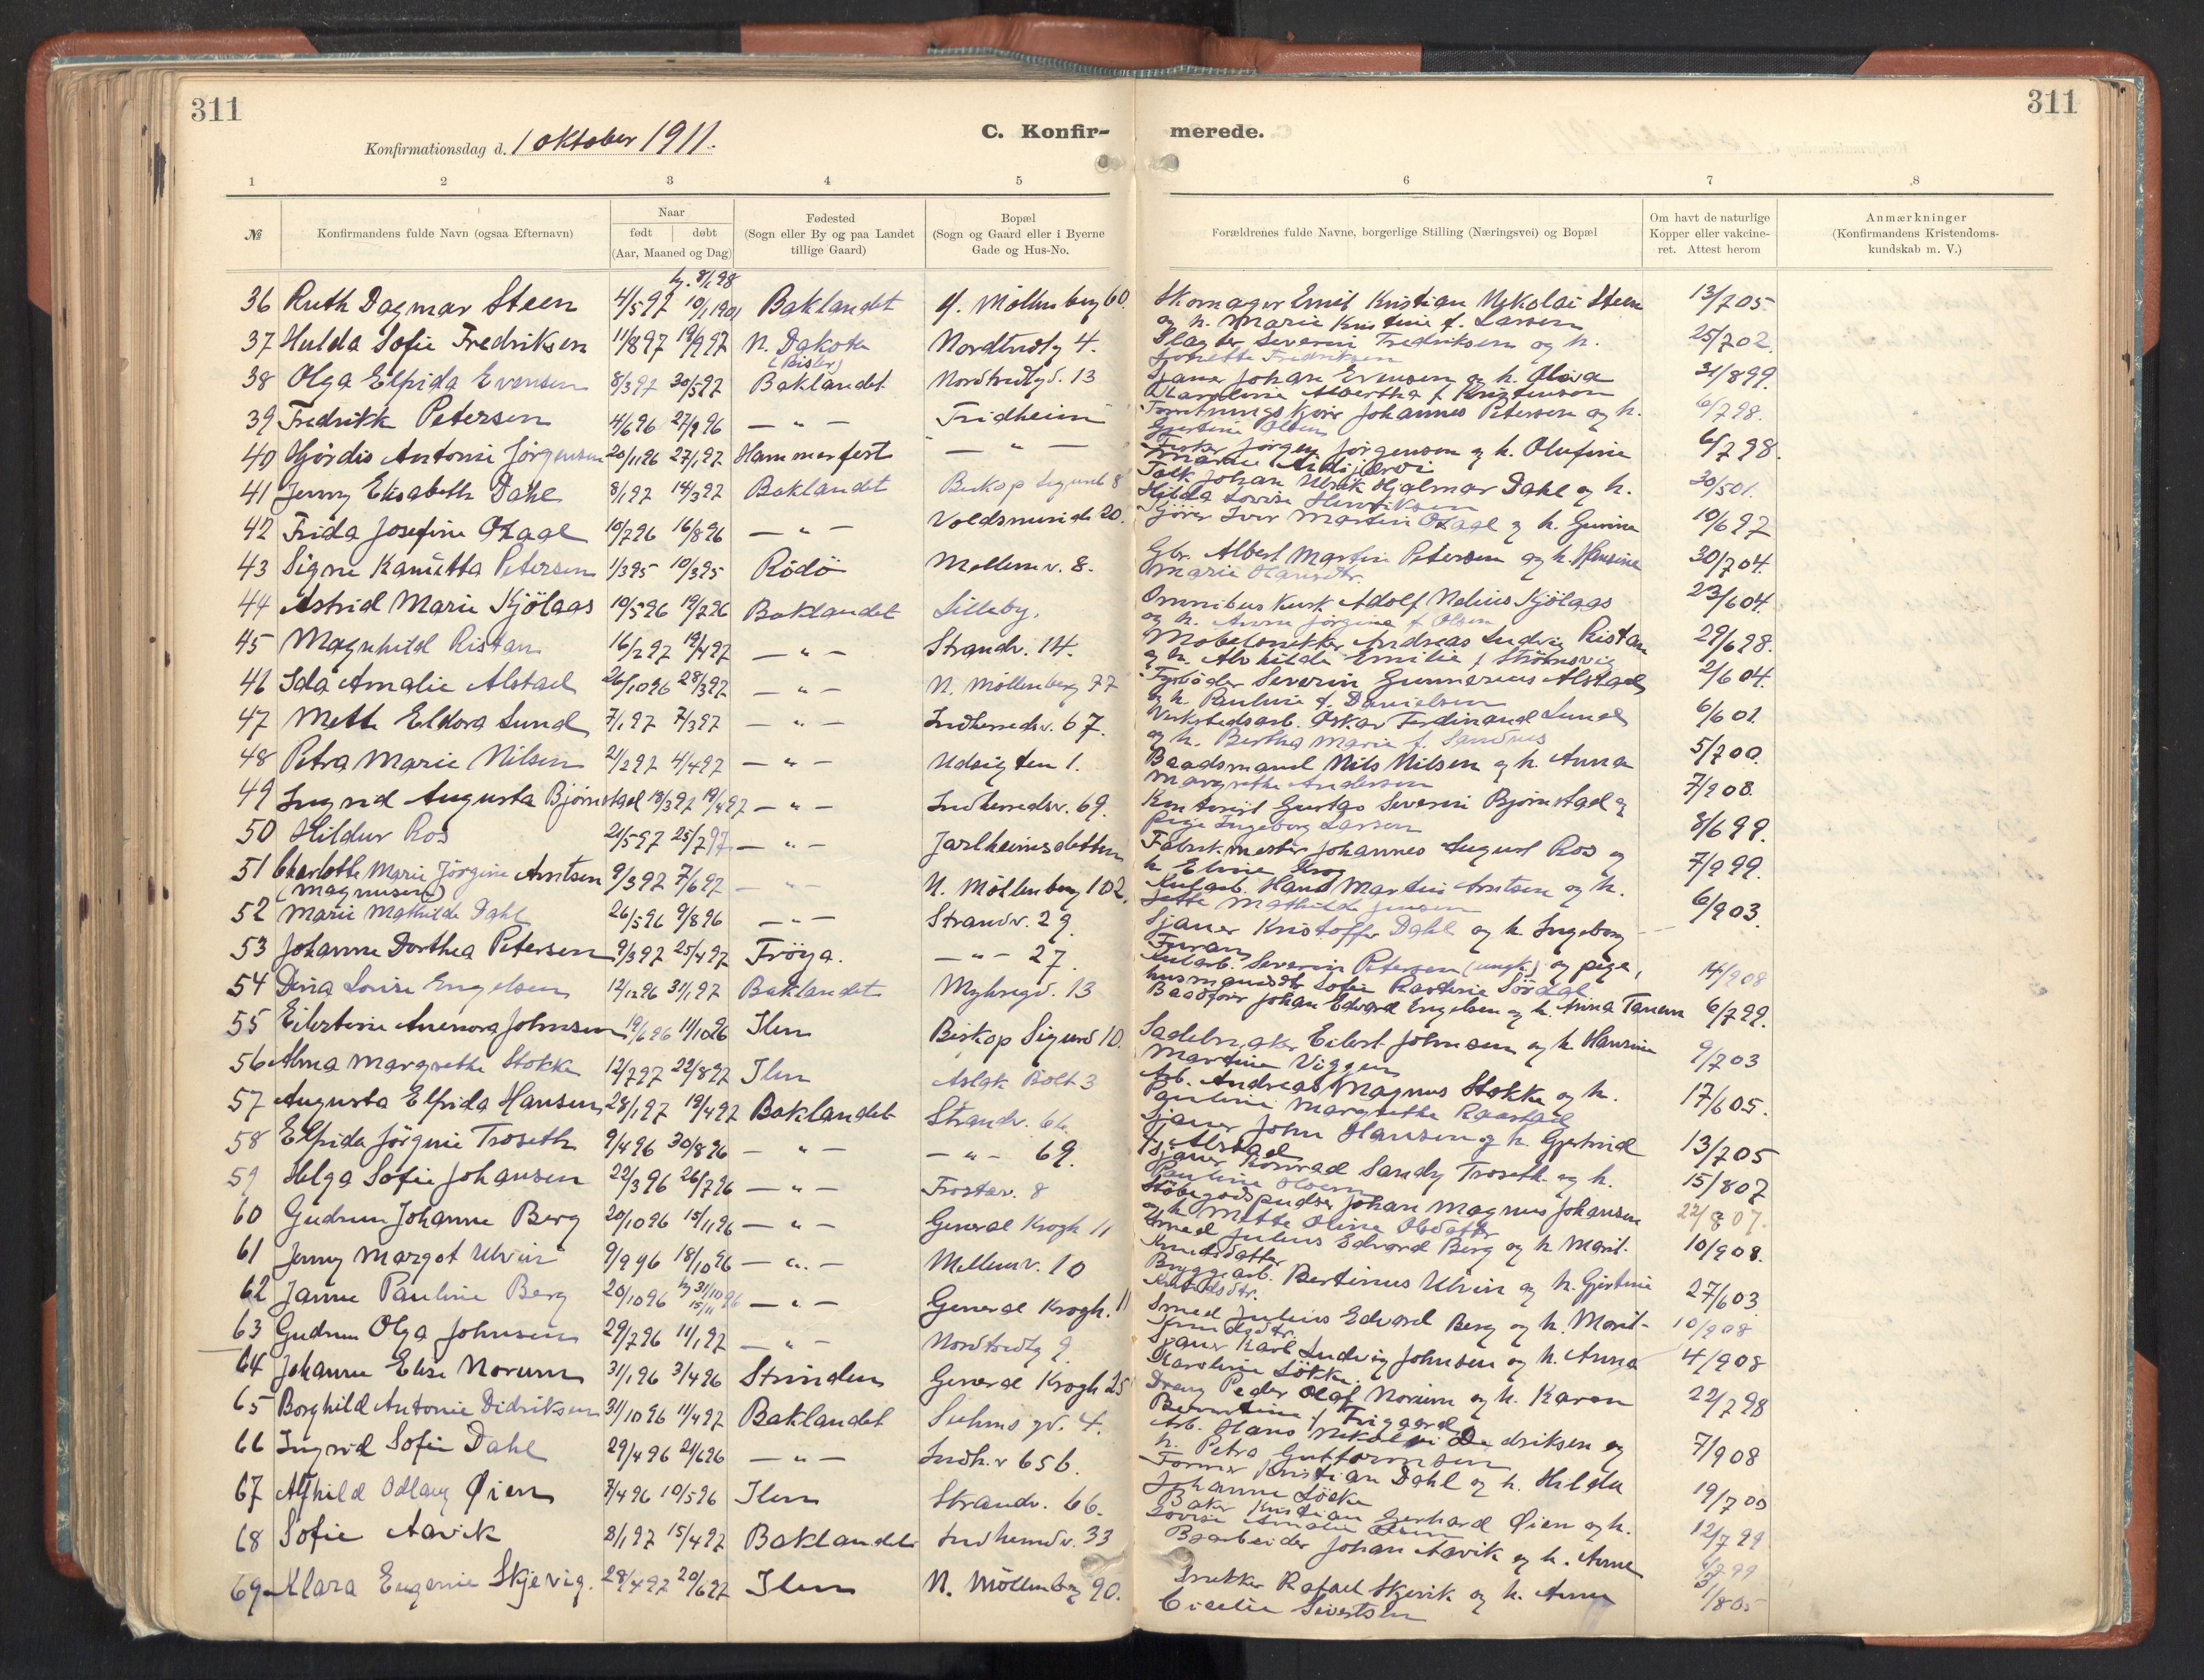 SAT, Ministerialprotokoller, klokkerbøker og fødselsregistre - Sør-Trøndelag, 605/L0243: Ministerialbok nr. 605A05, 1908-1923, s. 311